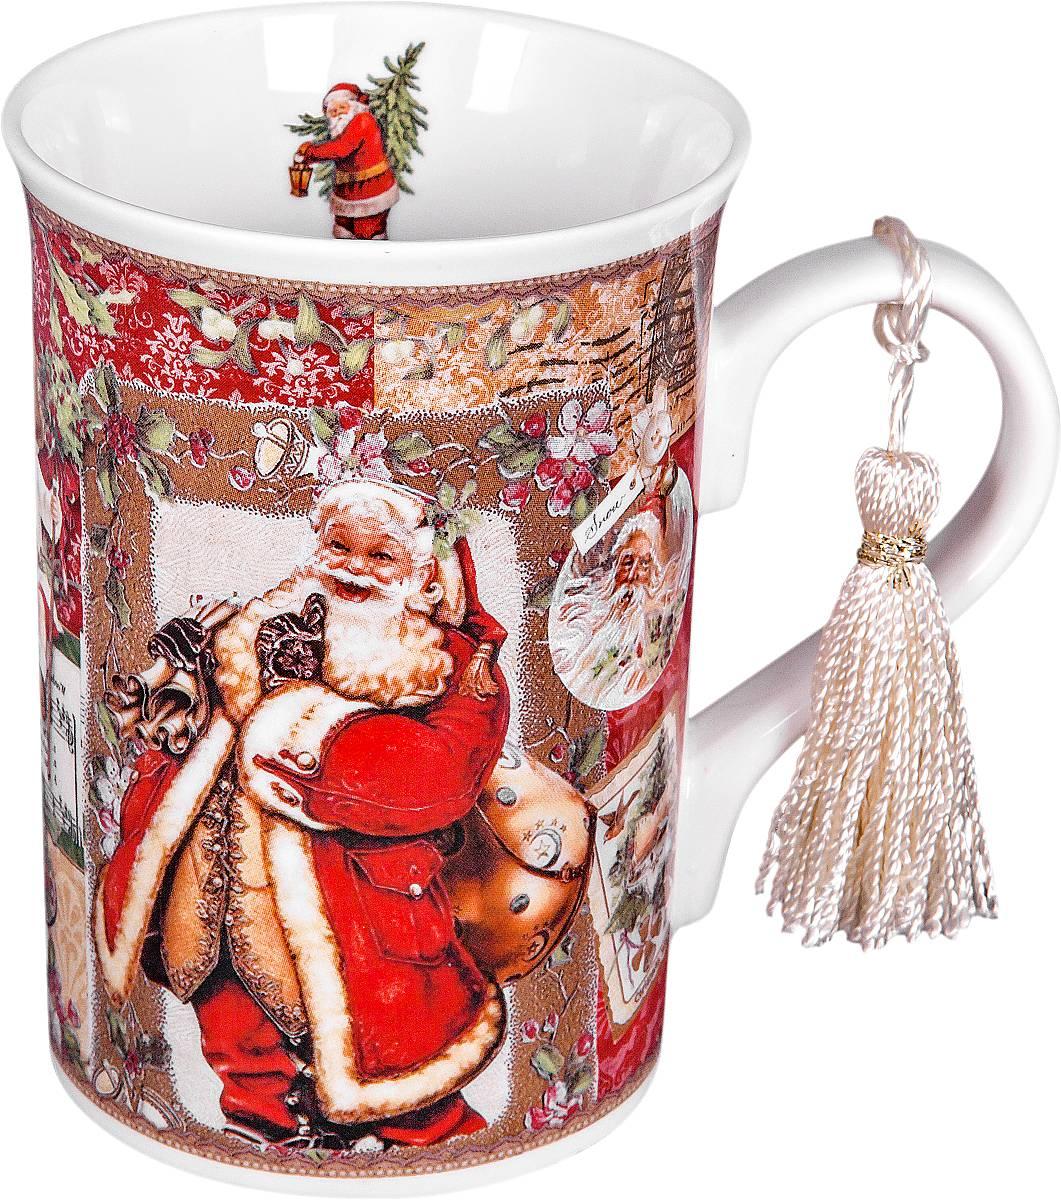 Кружка Mister Christmas Дед Мороз, высота 11 смBR-M10Кружка Mister Christmas Дед Мороз изготовлена из качественного глазурованного фарфора. Внешние стенки декорированы красивыми новогодними рисунками. Такая кружка согреет вас горячим напитком и станет неизменным атрибутом чаепития. Отличный новогодний подарок для друзей и близких.